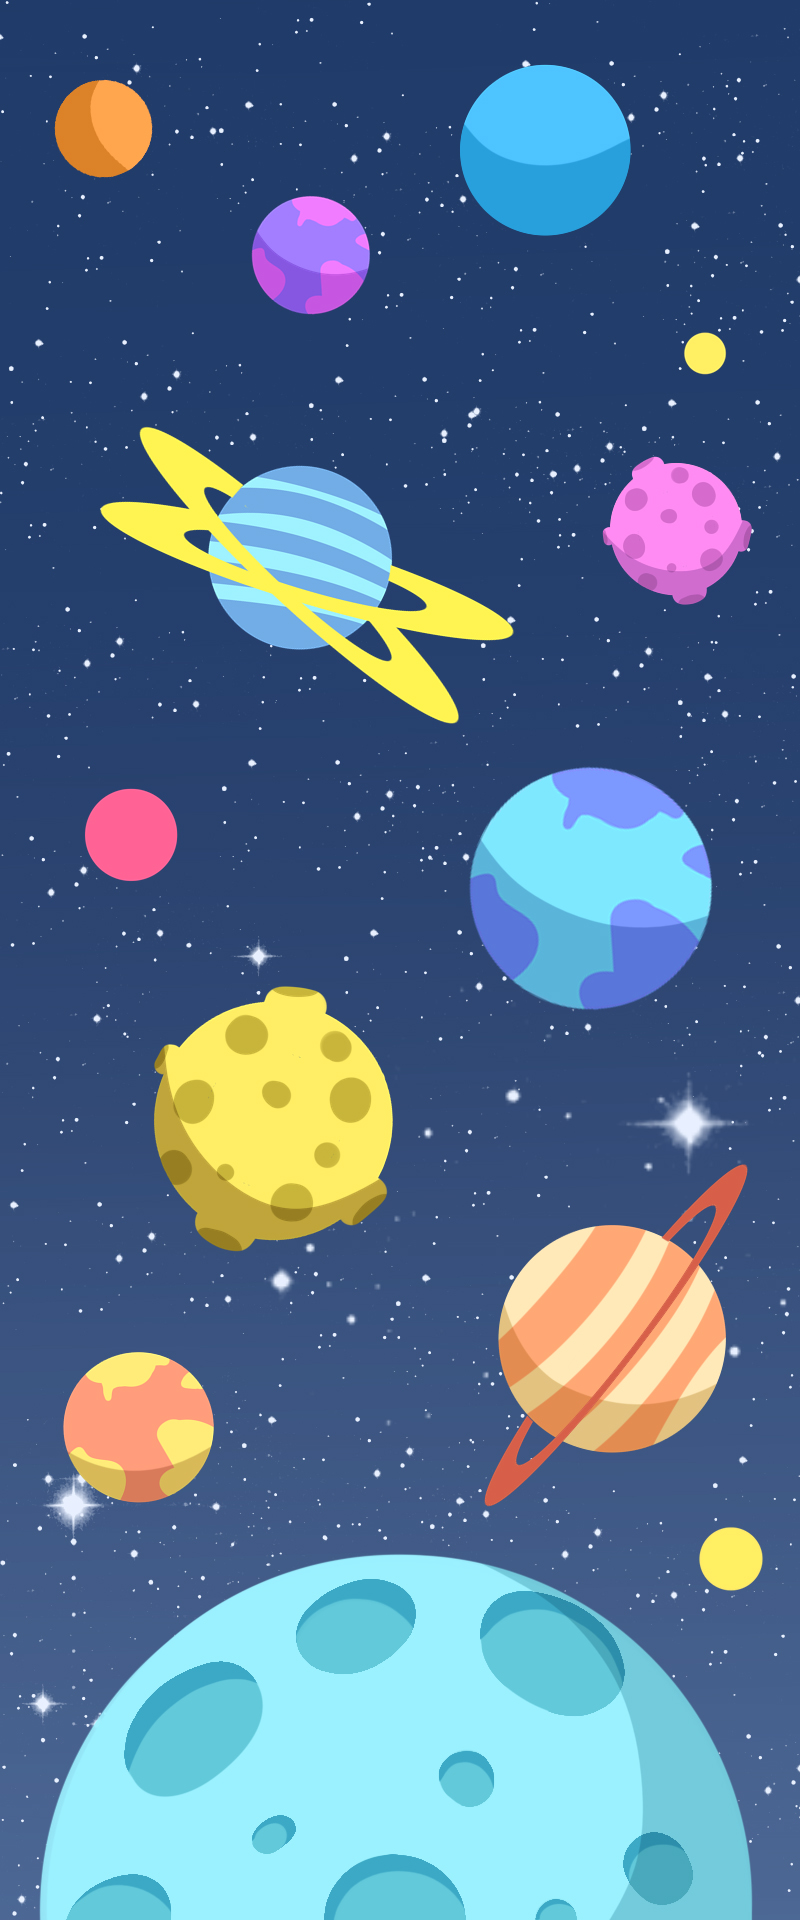 卡通太空宇宙元素背景